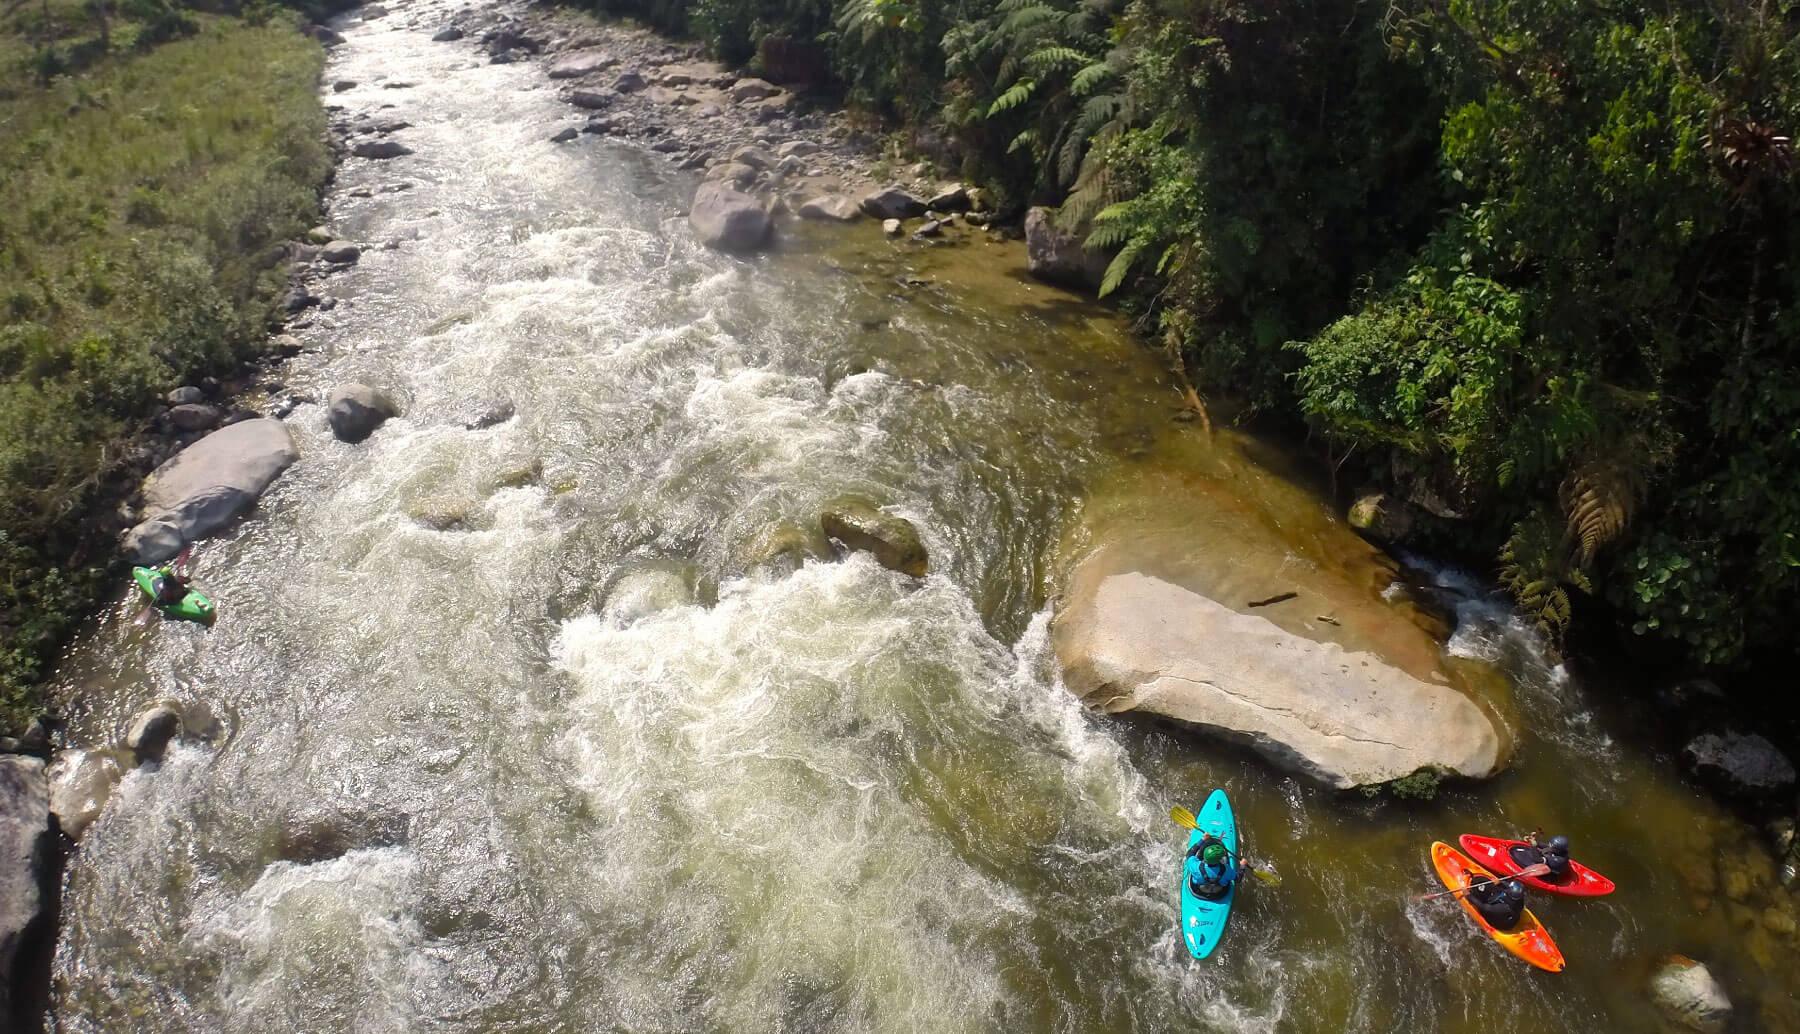 whitewater kayak ecuador | kayak guided trip south america